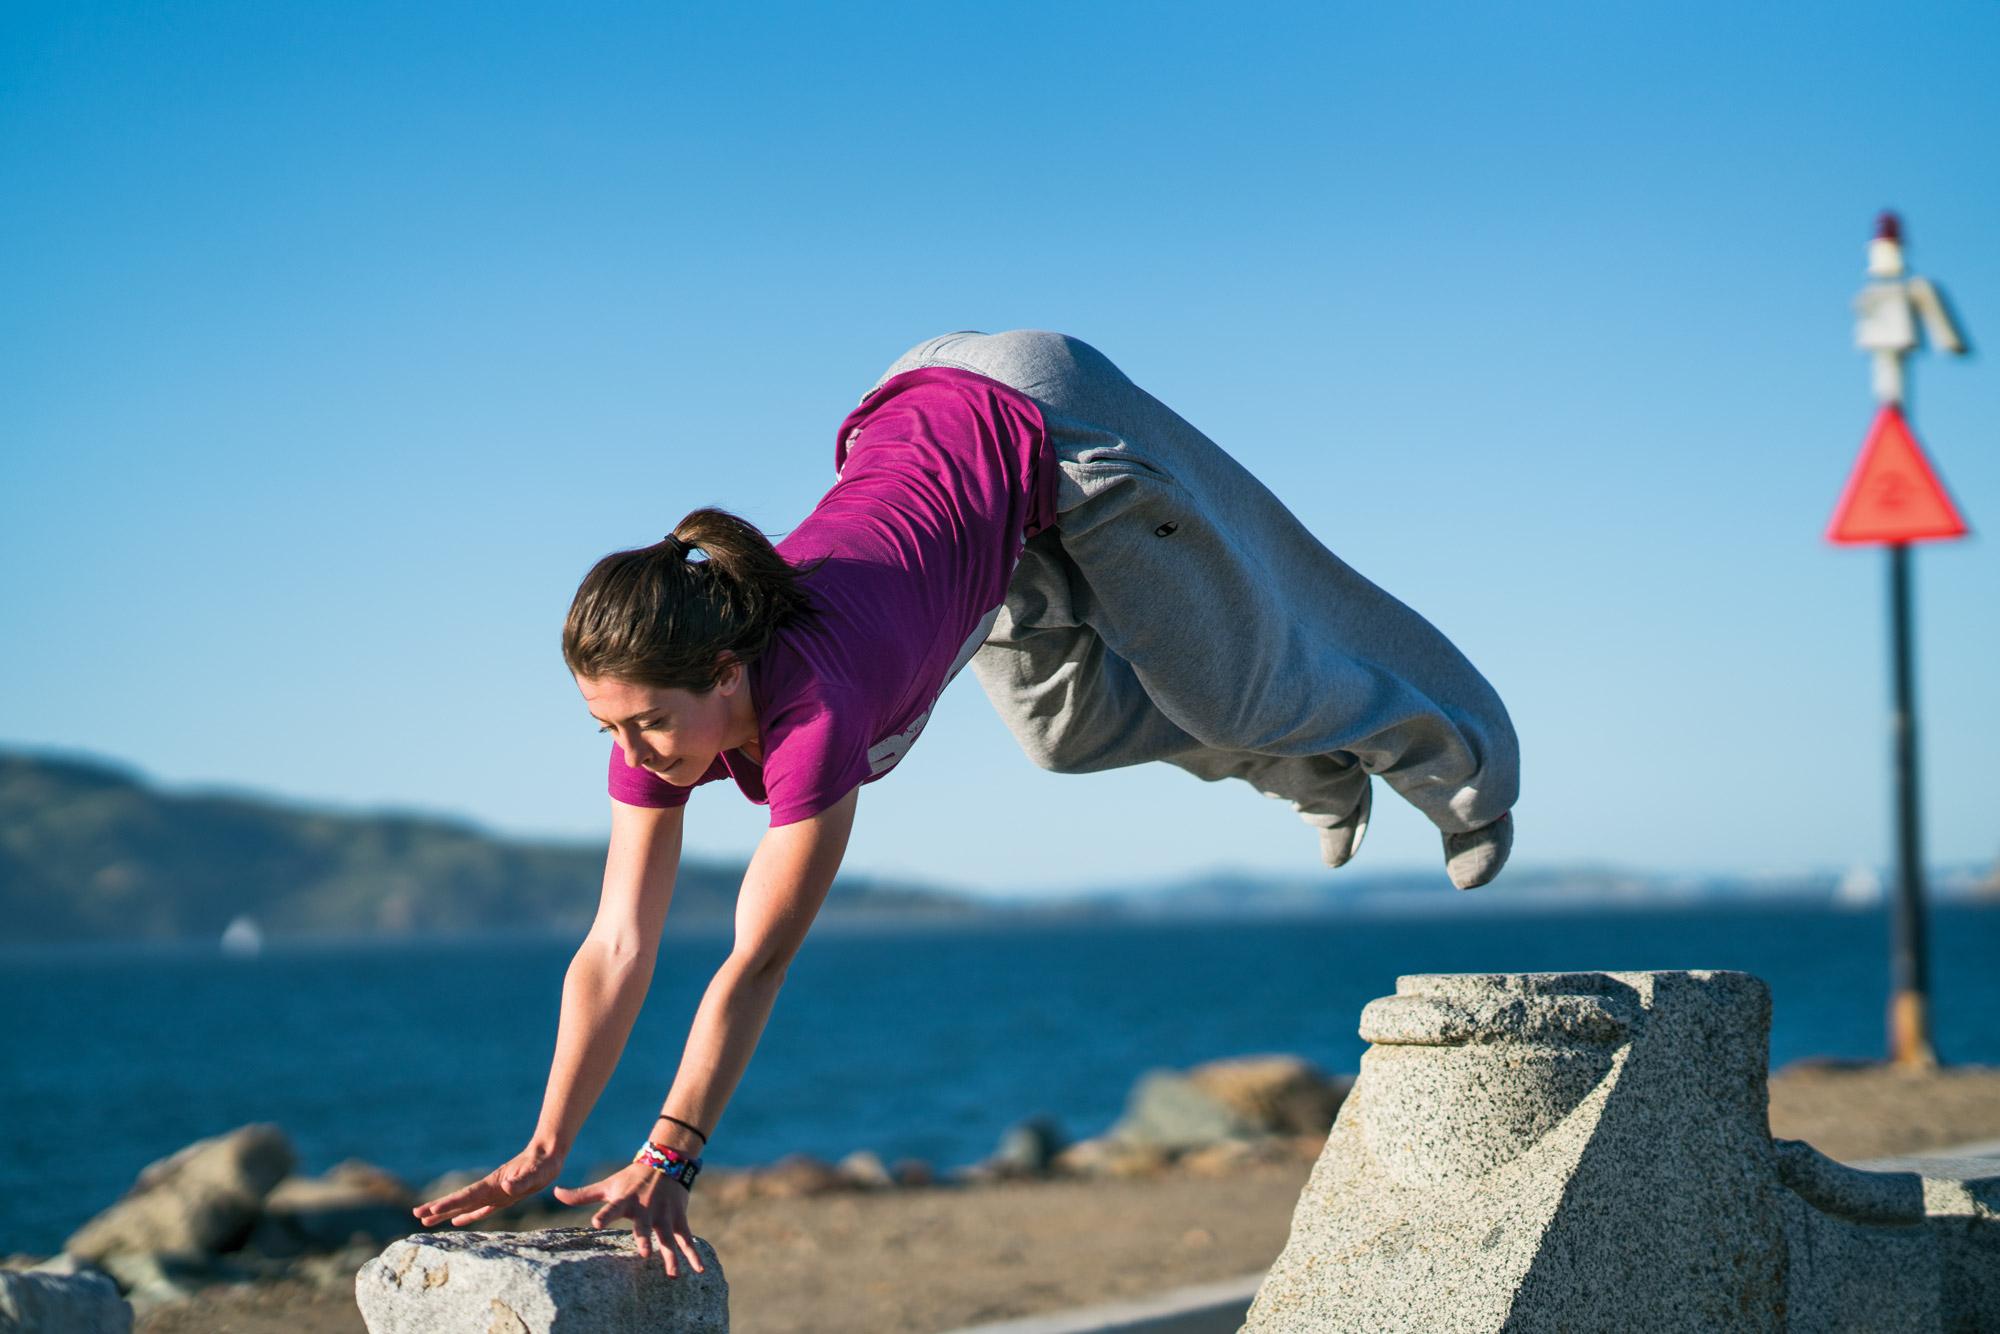 Anya Chibis Jump Girl 16.jpg